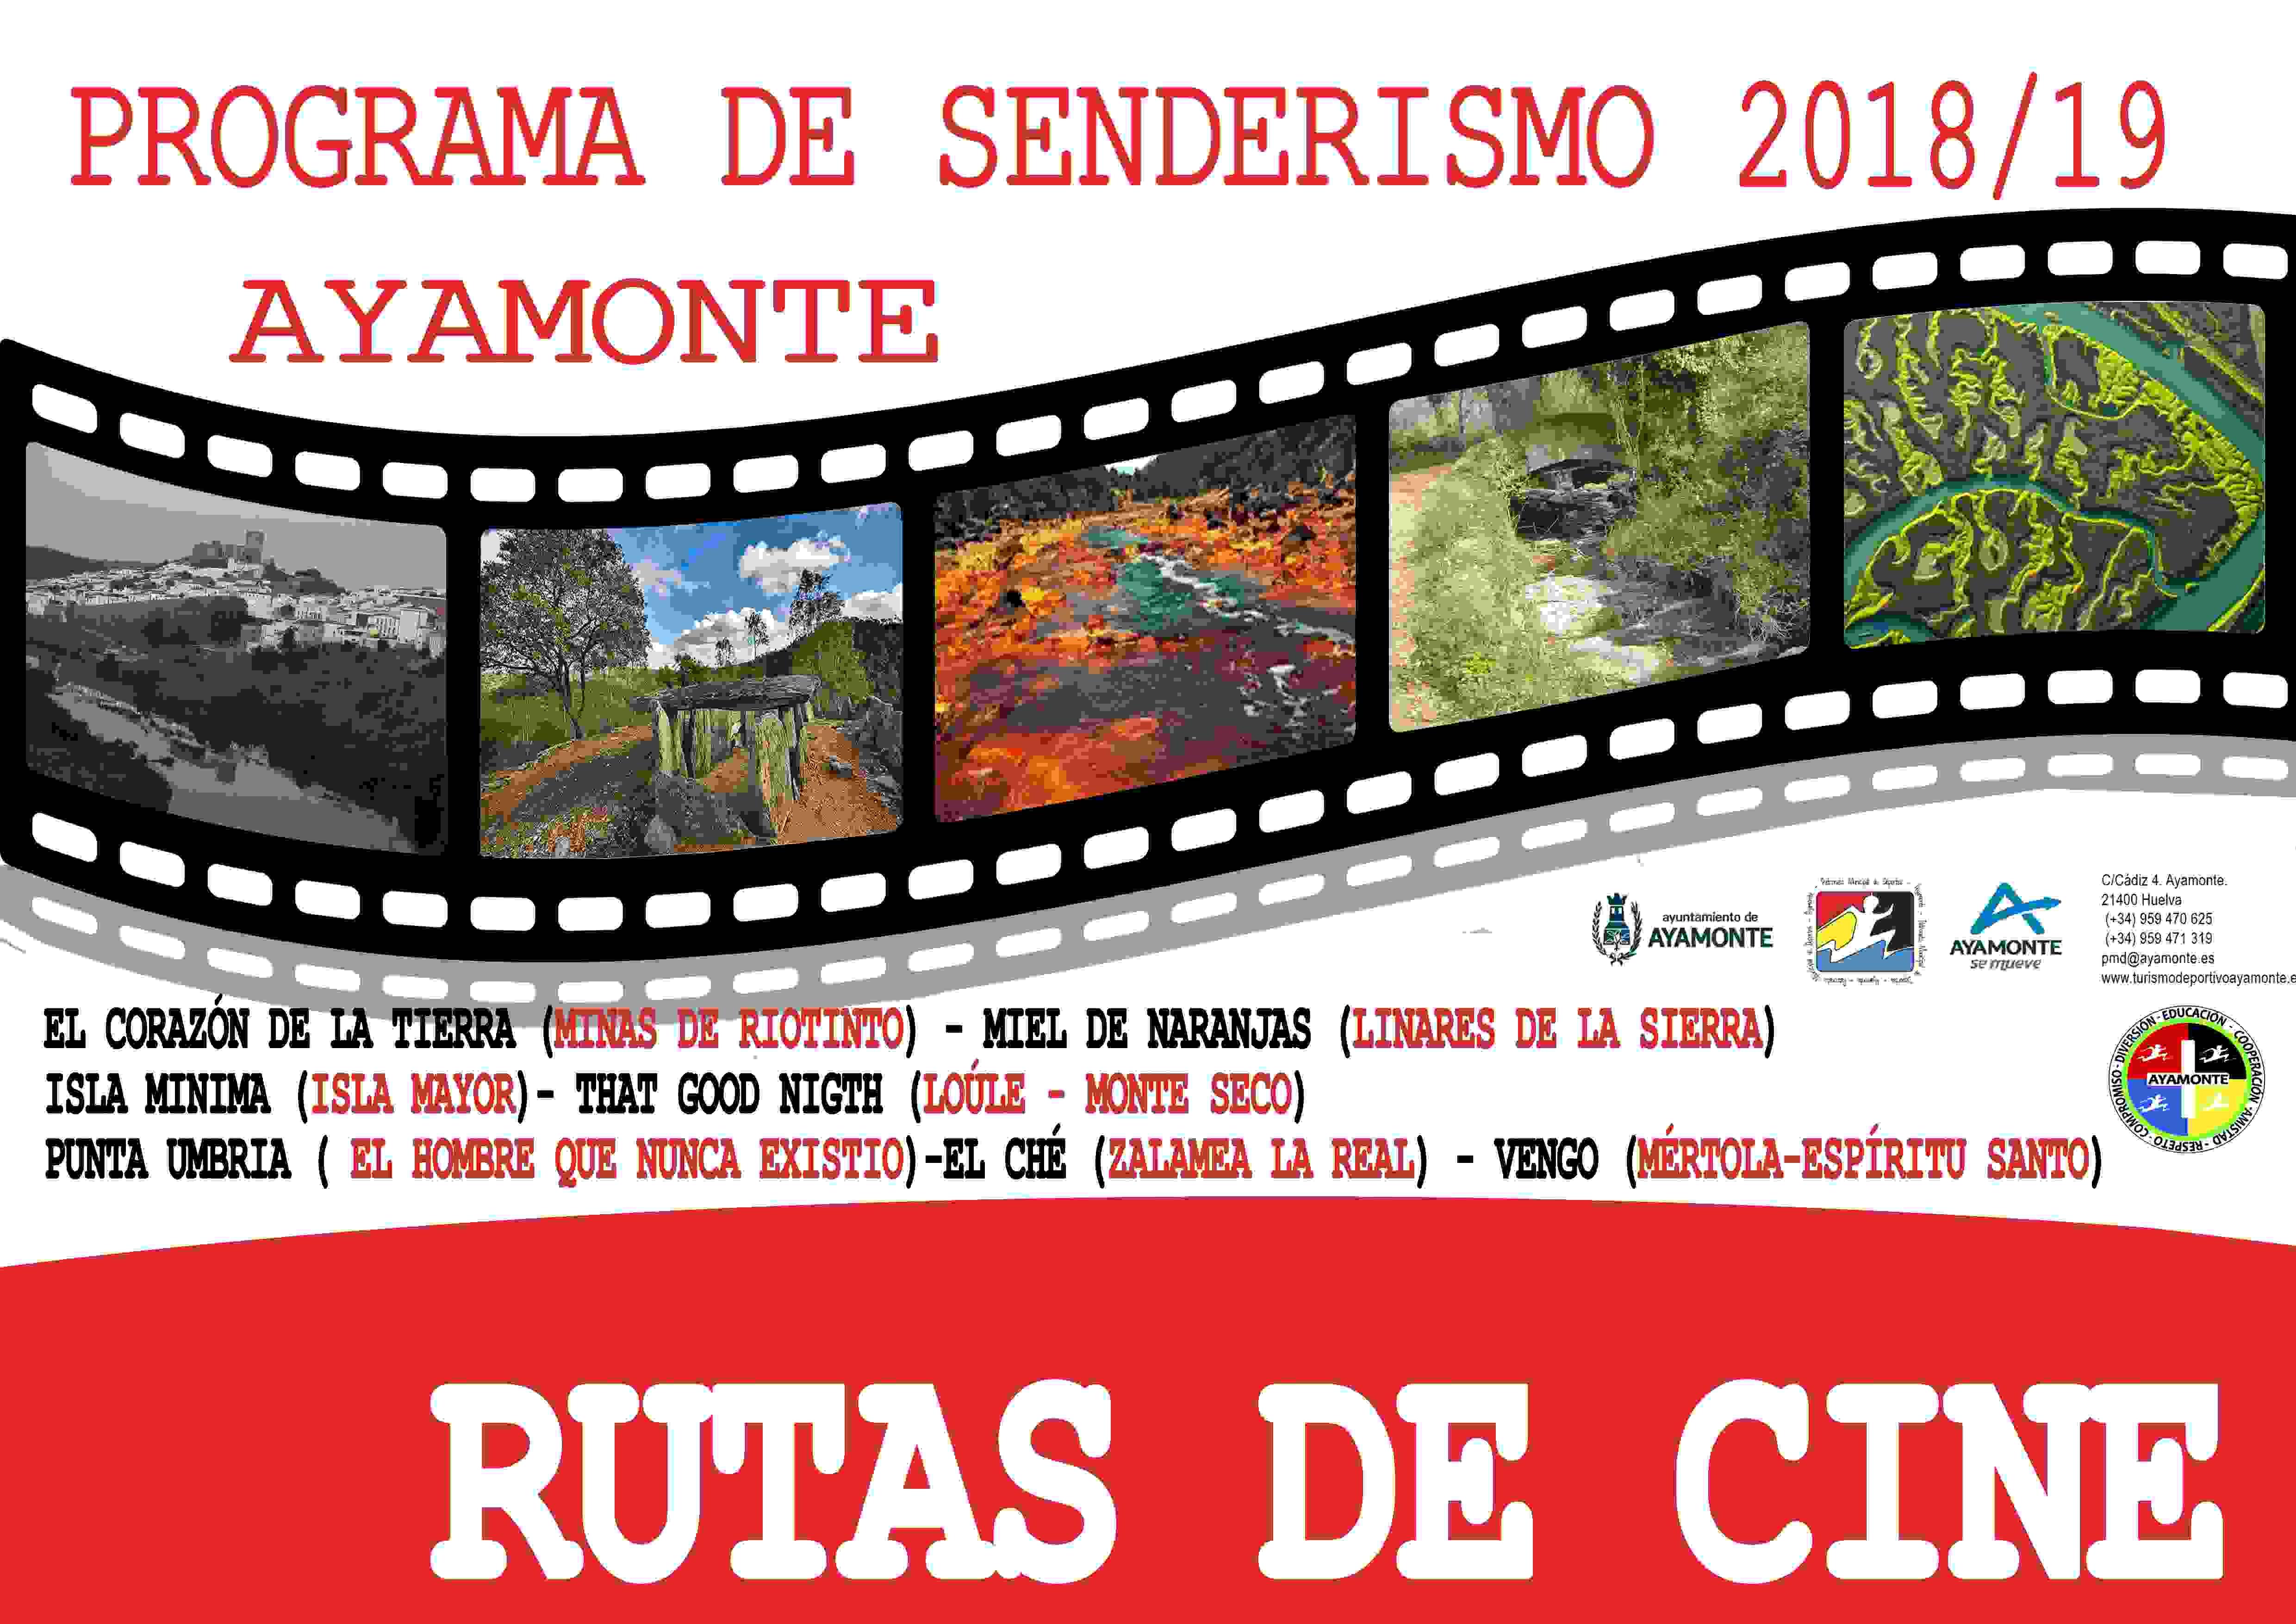 PROGRAMA DE RUTAS DE SENDERISMO DEL PMD AYAMONTE - Inscríbete